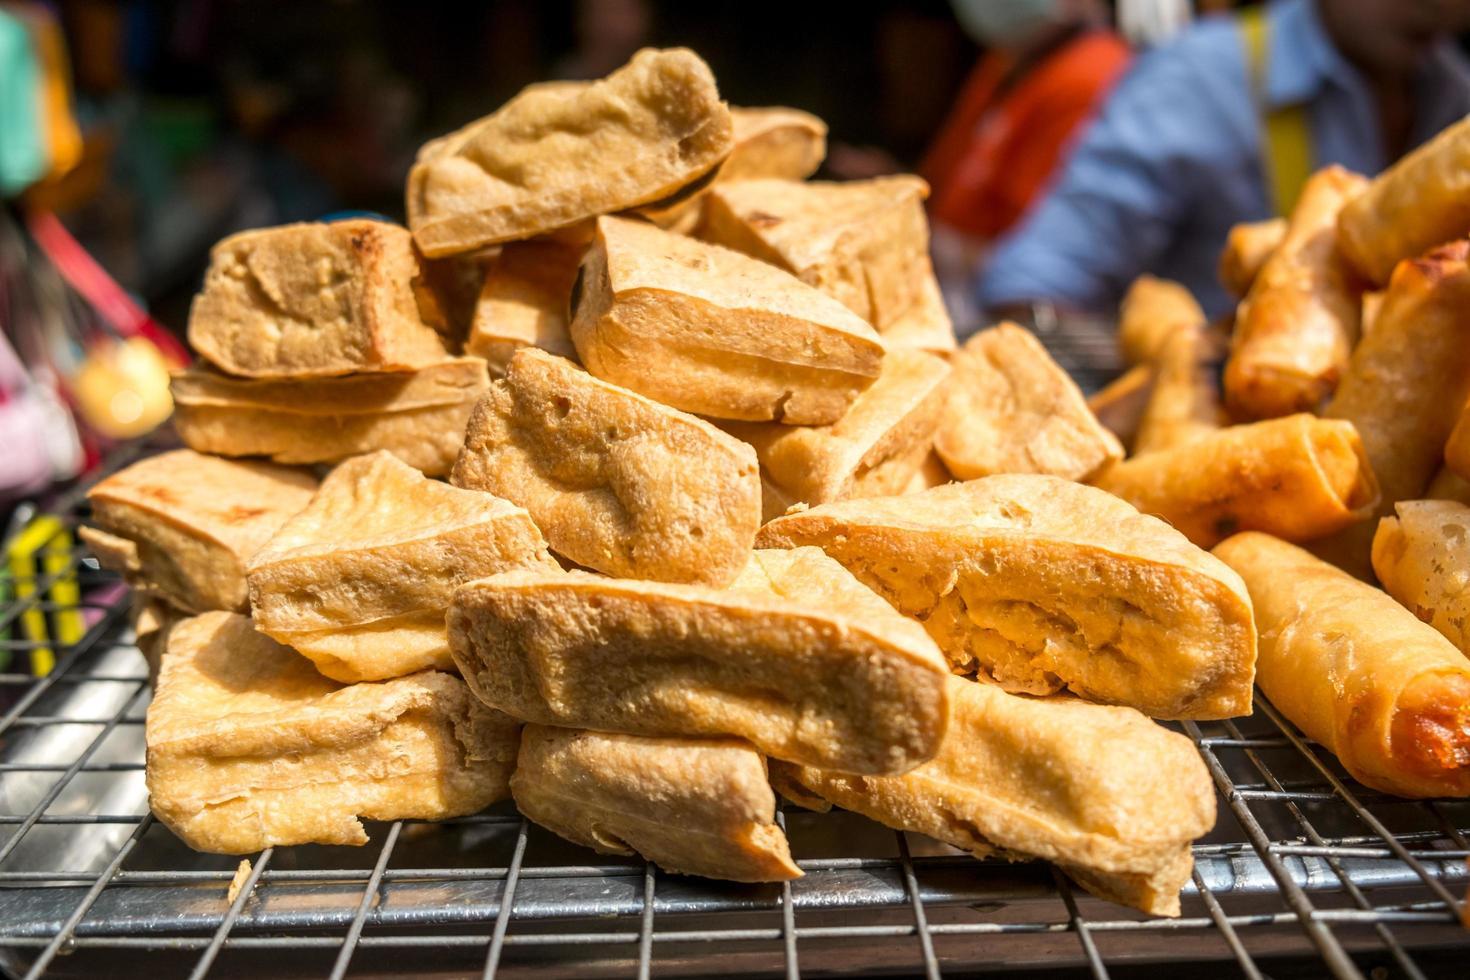 gebakken tofu te koop op een lokale markt foto